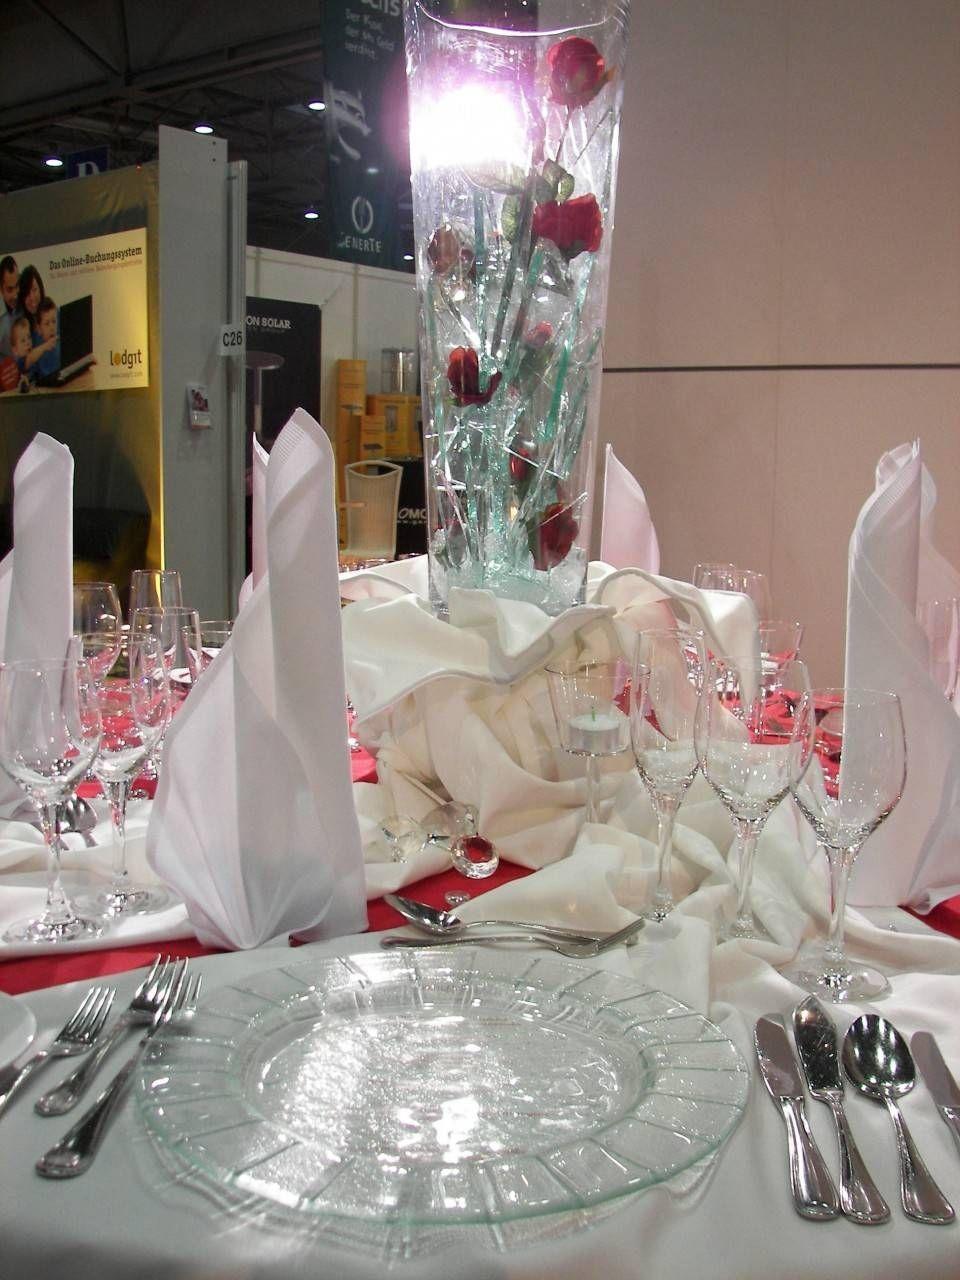 40 Das Beste Von Tischdekoration Diamantene Hochzeit Decor House Interior Table Decorations